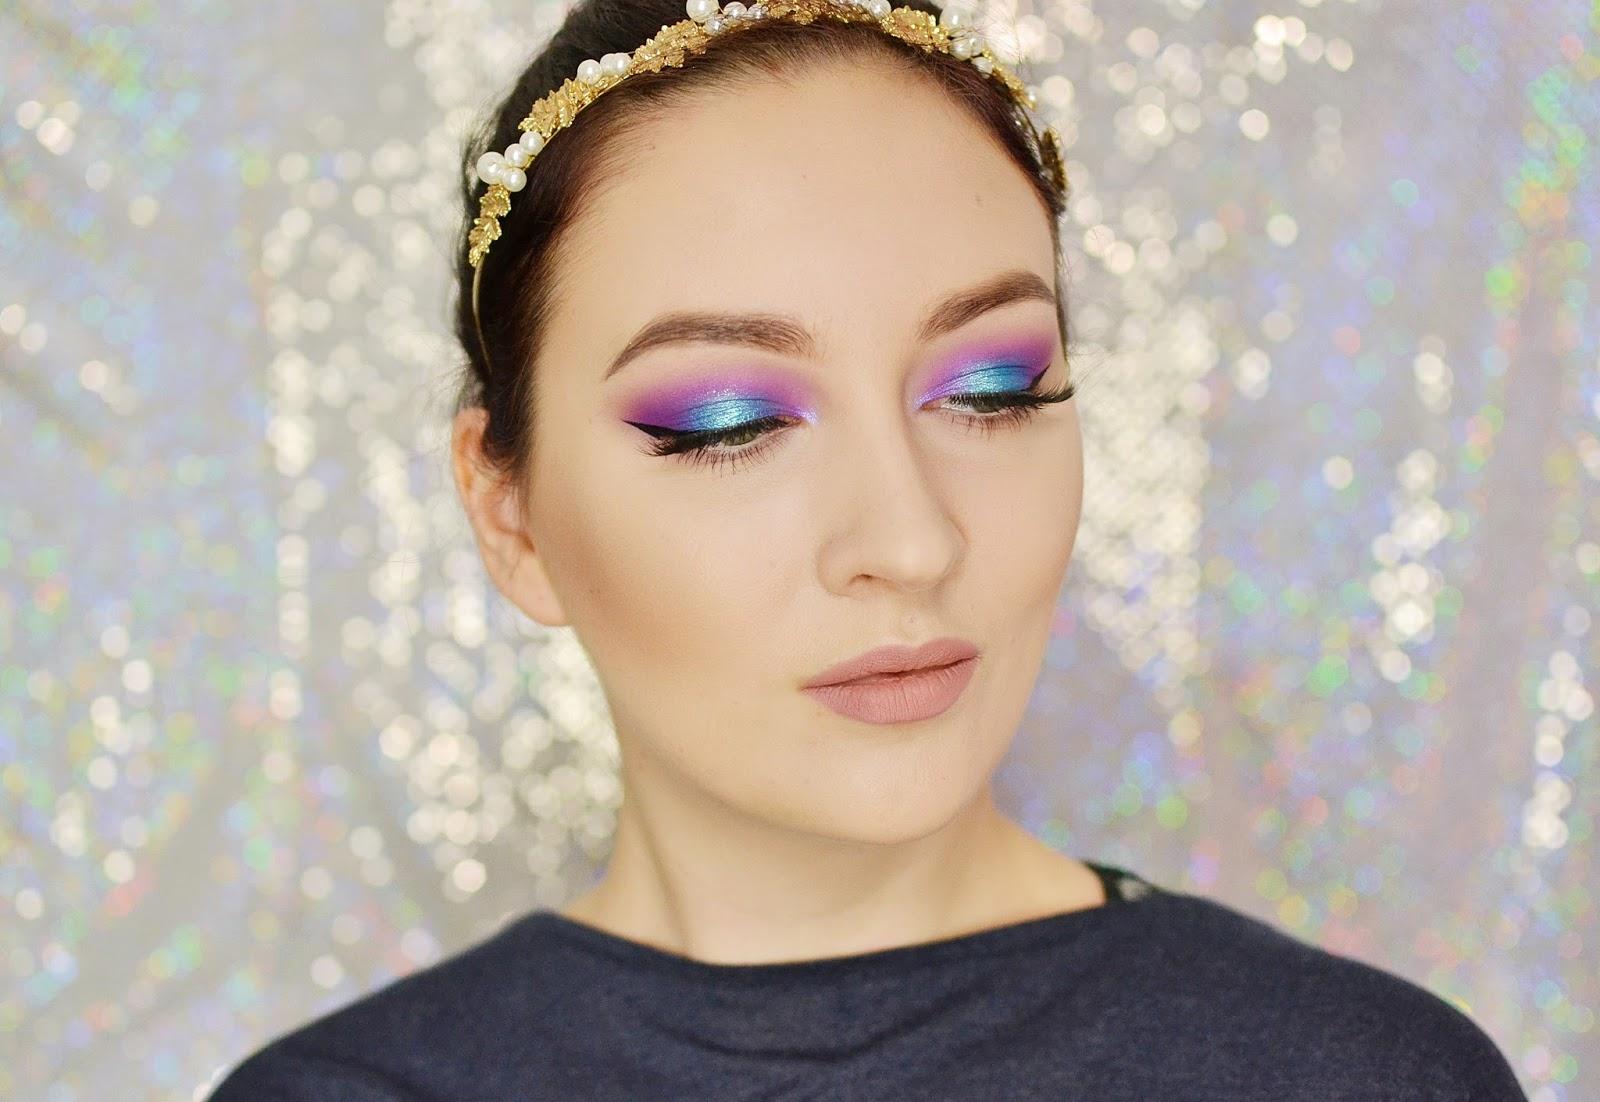 makijaż fioletowo turkusowy z kreską